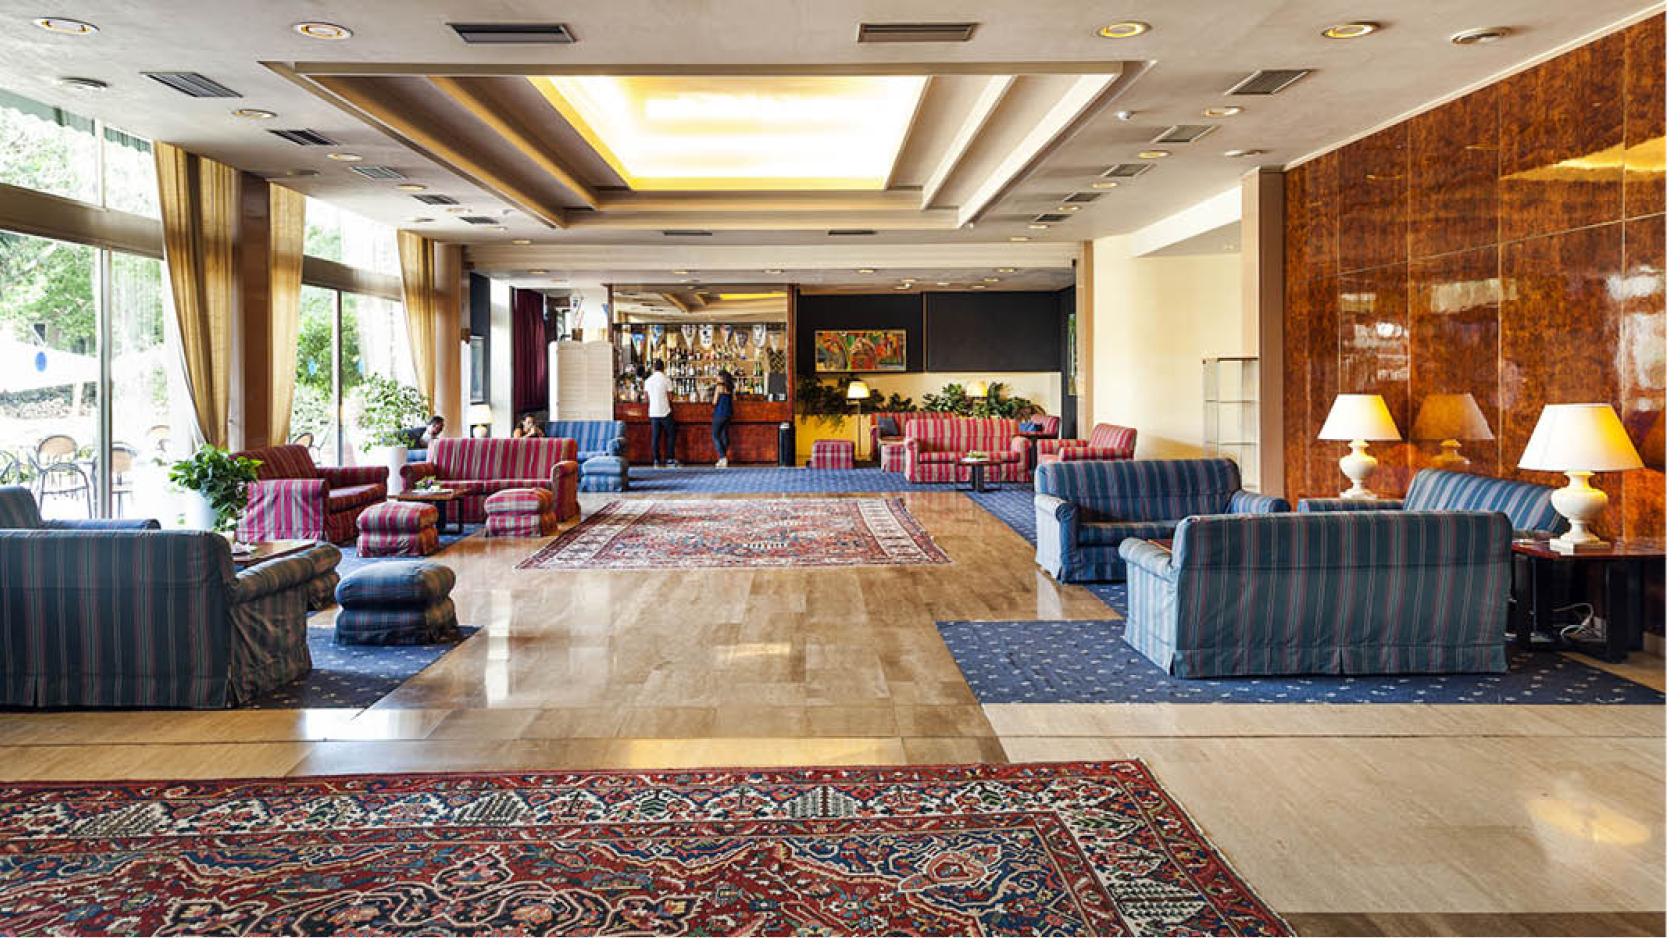 Soffgrupper med mysig belysning och bar på hotell Mondello Palace i kuststaden Mondello på den italienska ön Sicilien.